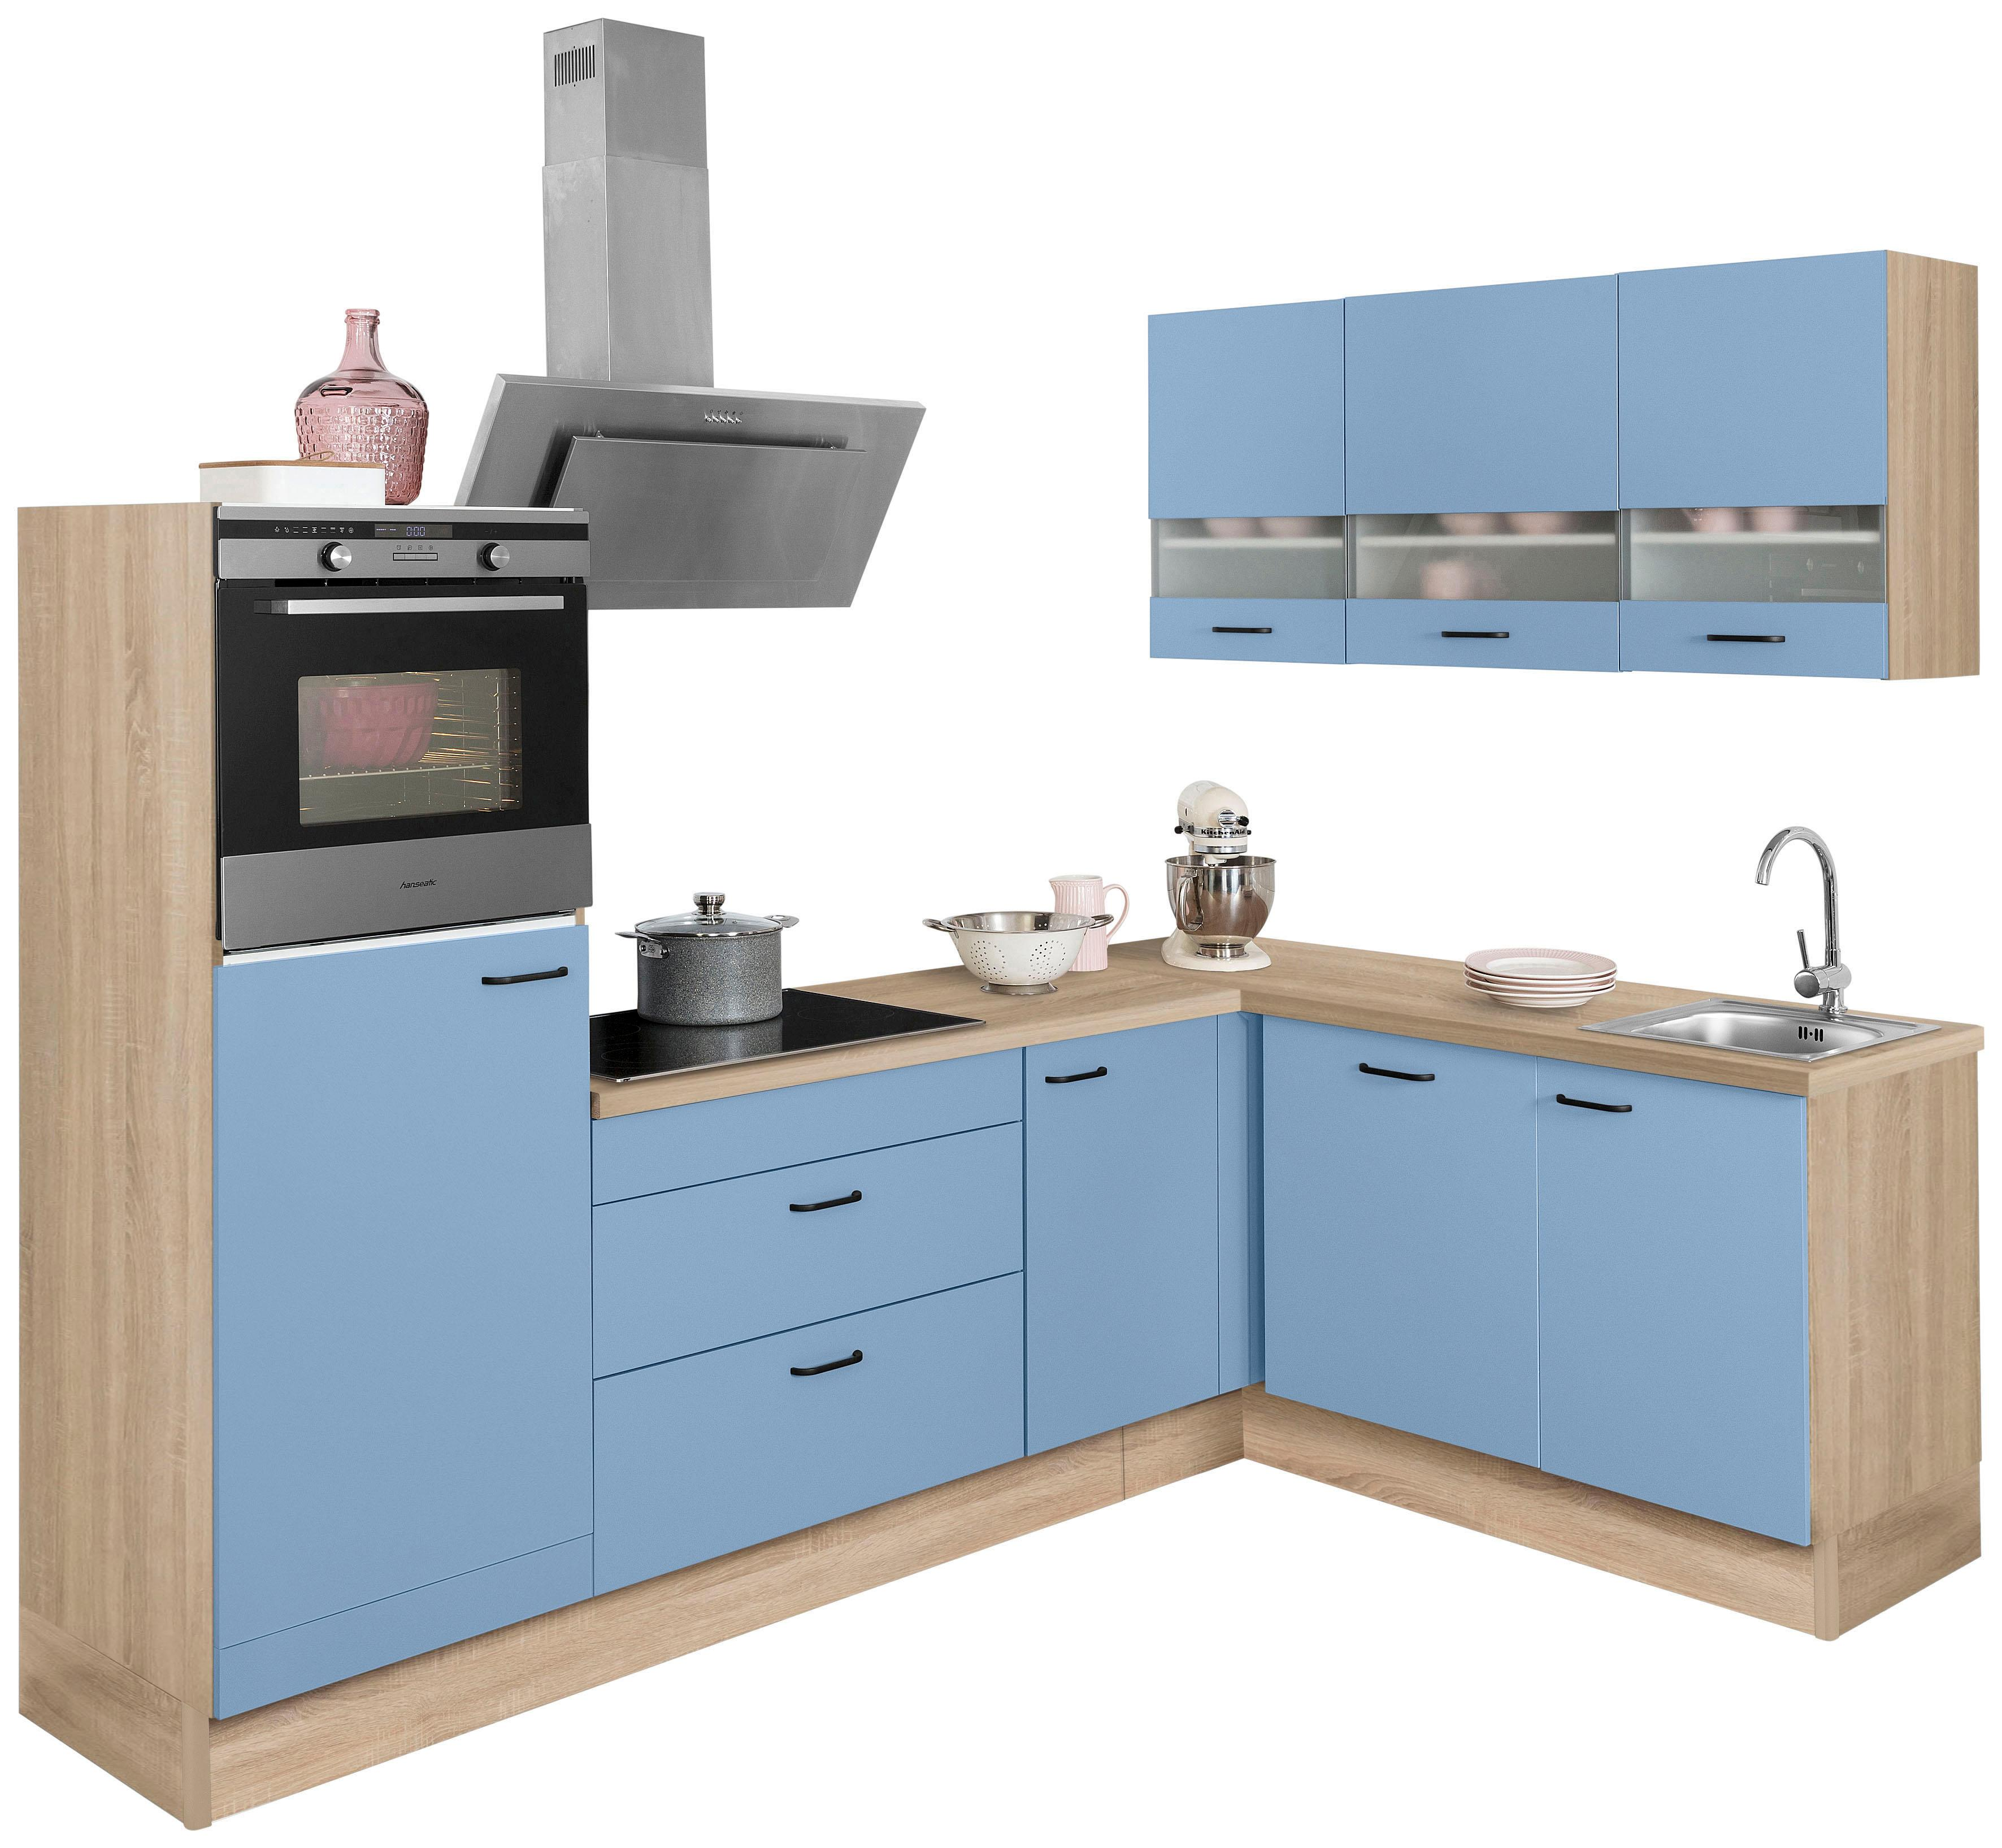 OPTIFIT Winkelküche Elga ohne E-Geräte Stellbreite 265 x 175 cm